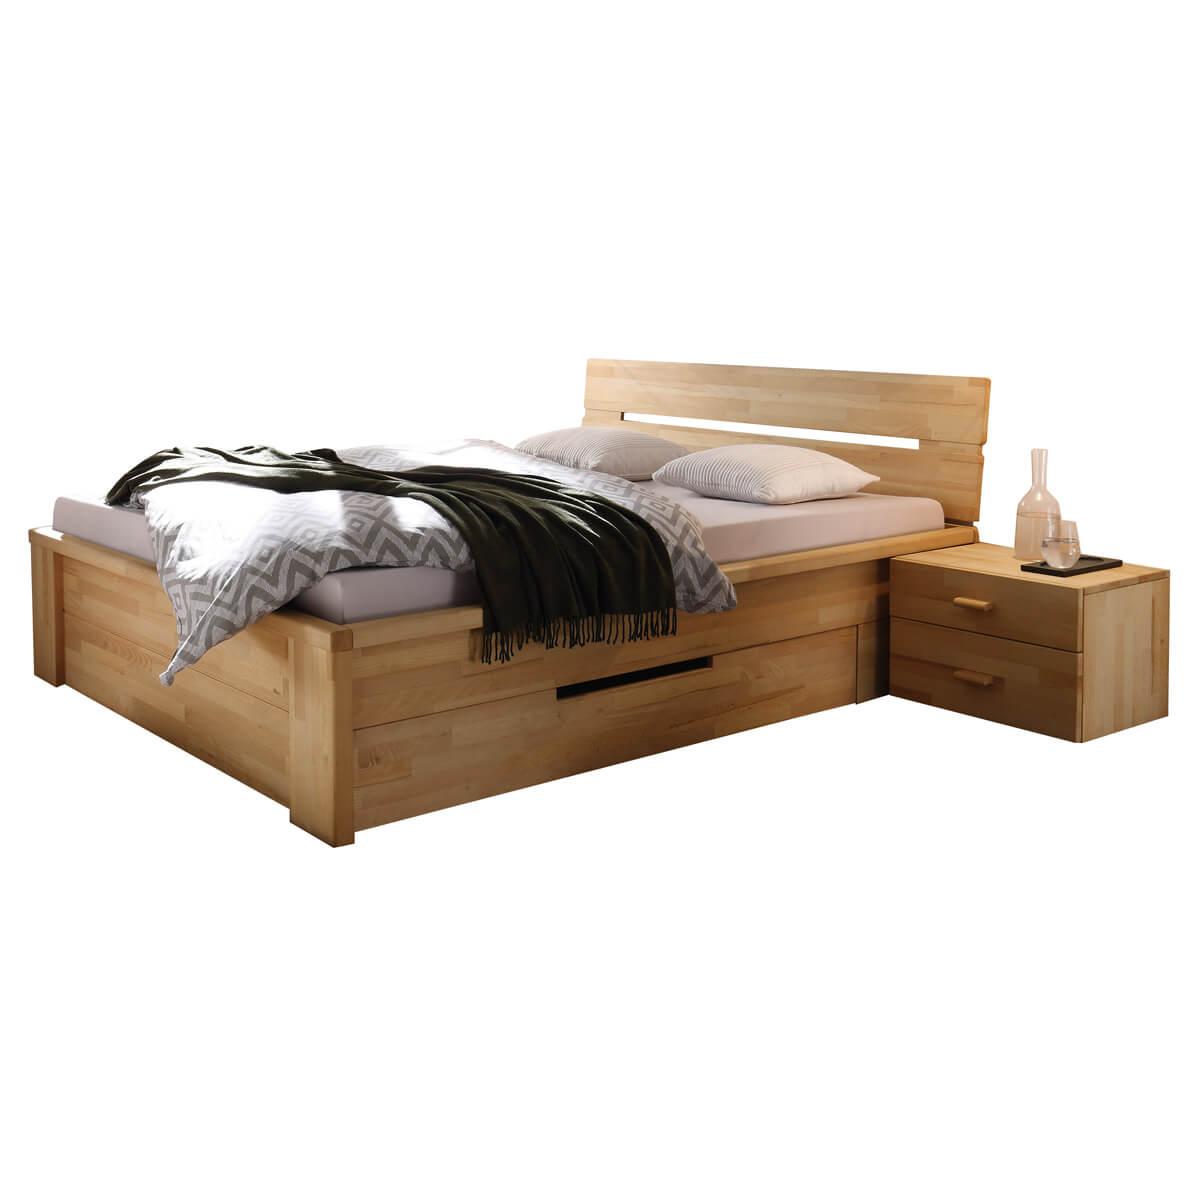 Ikea bett 140x200 mit schubladen  Bett 160x200 Mit Schubladen ~ Innenarchitektur und Möbel Inspiration